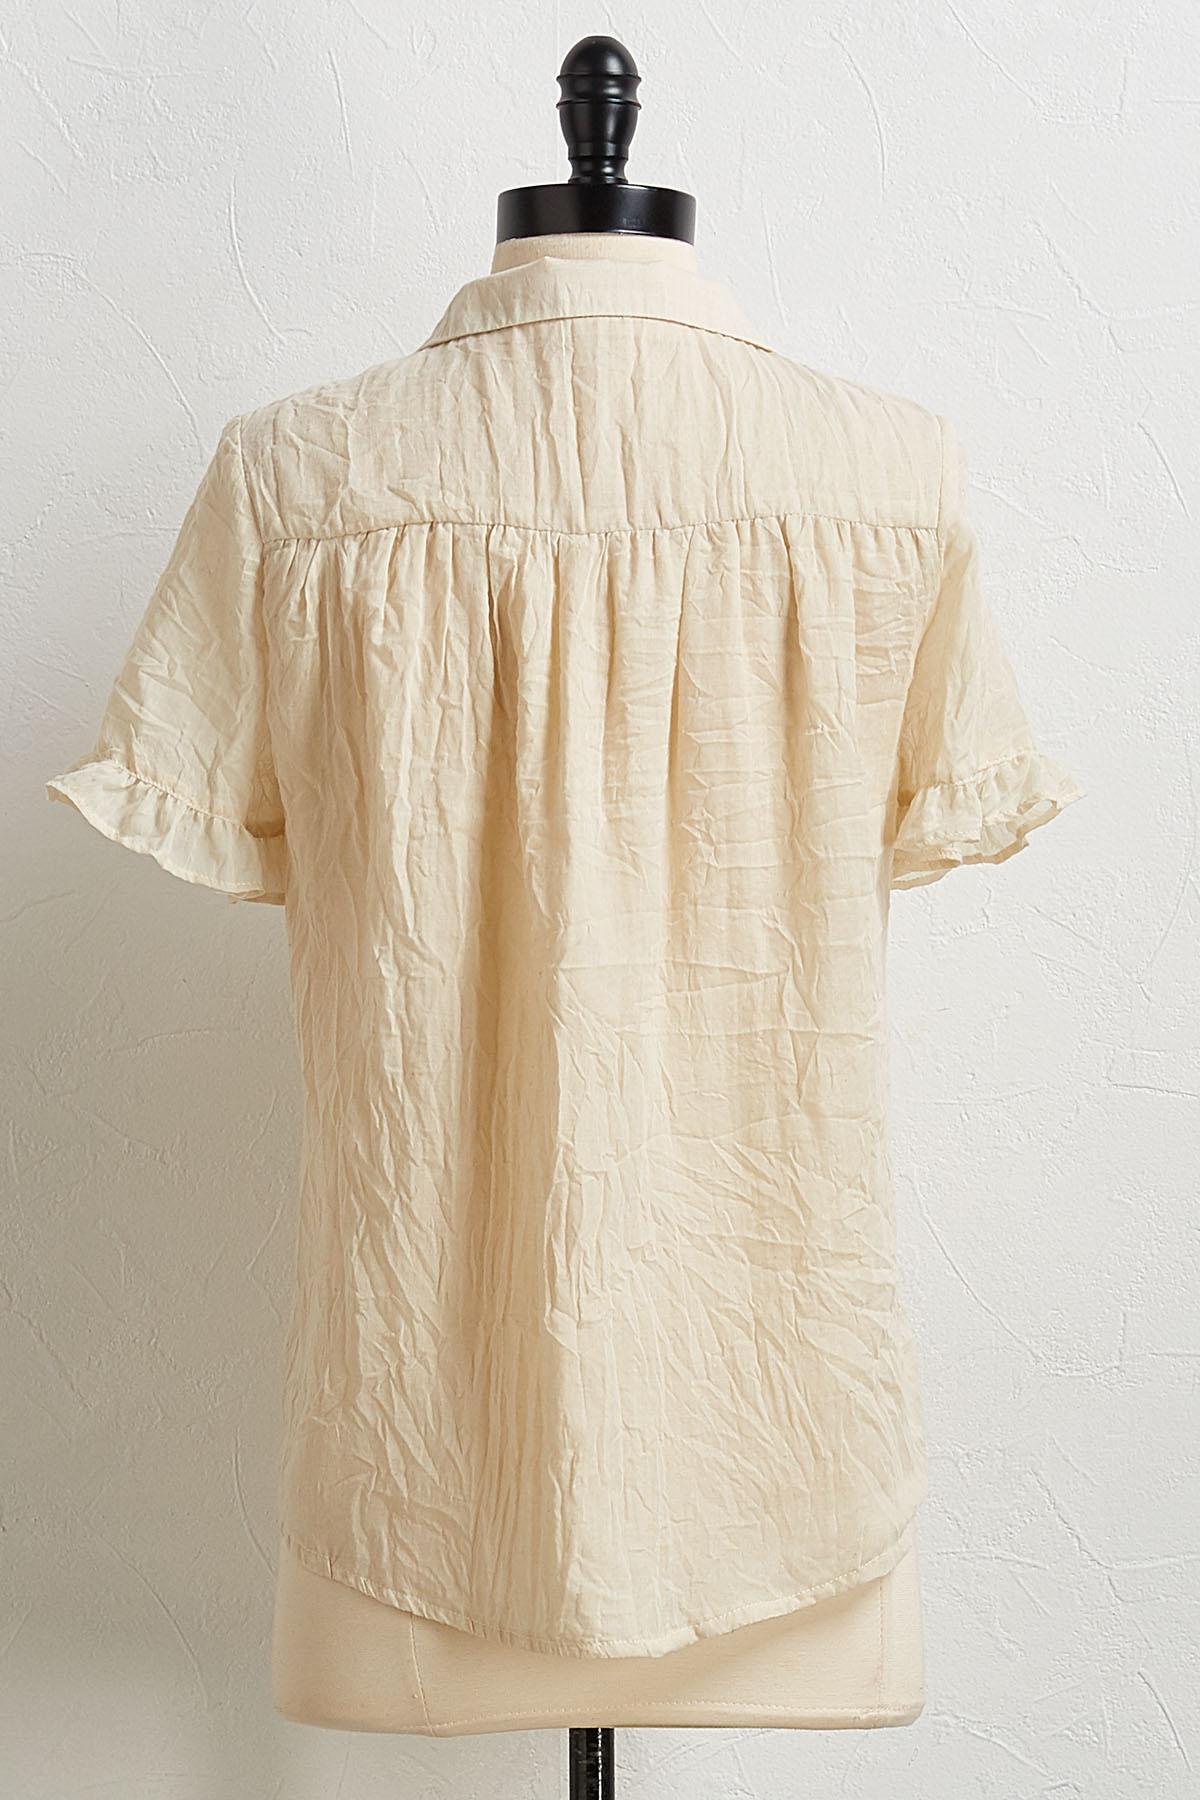 Ruffled Trim Shirt